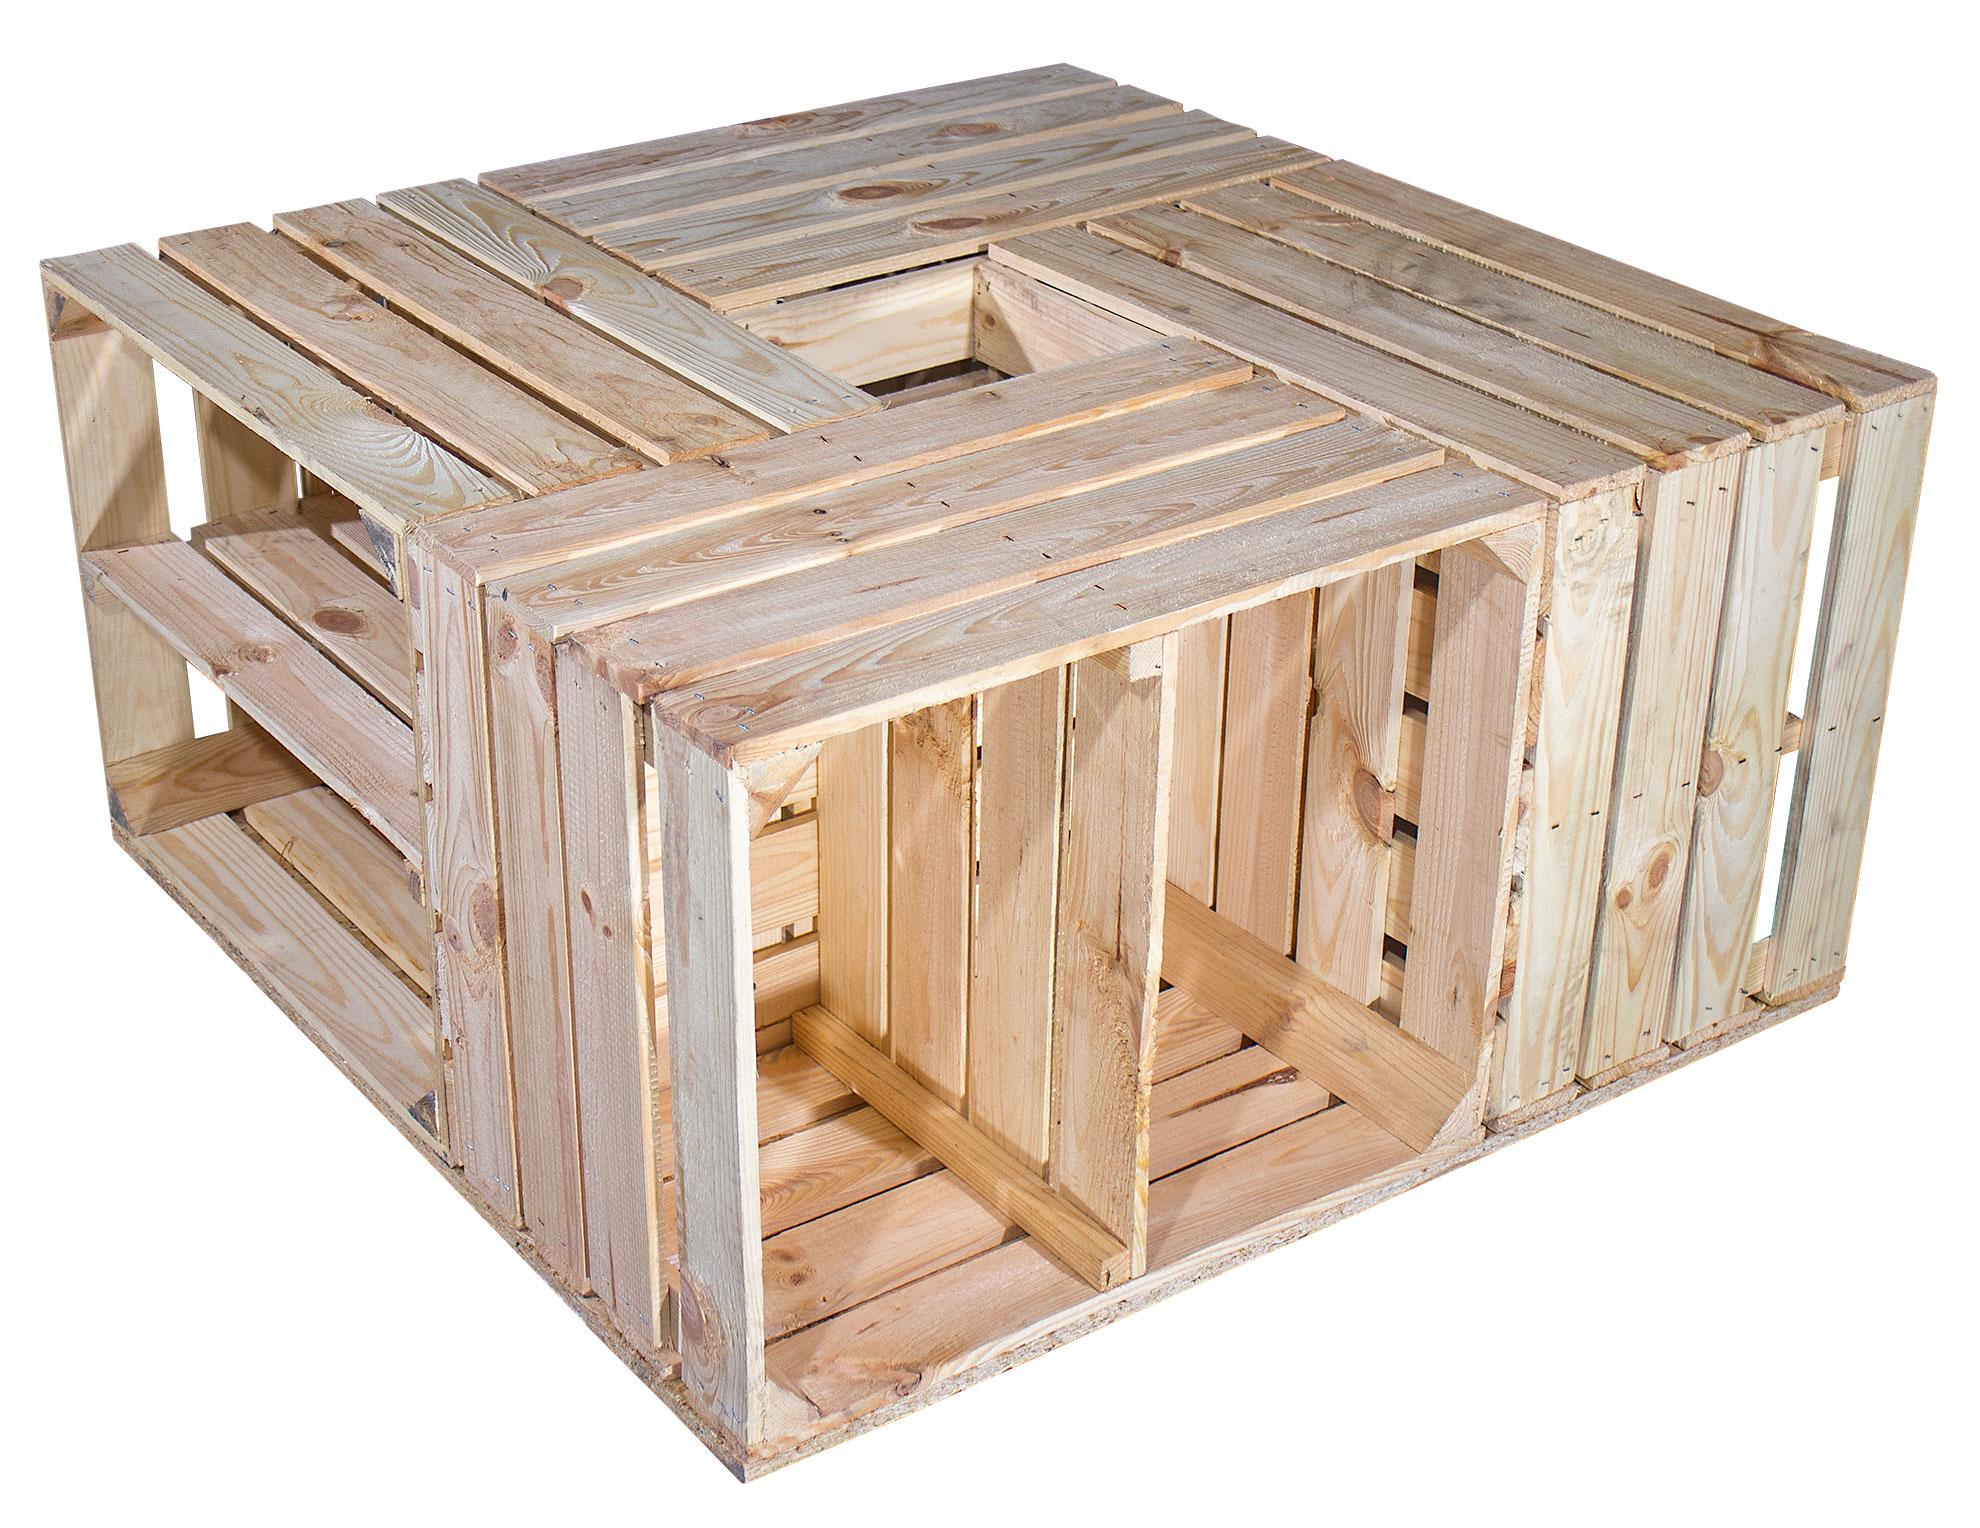 couchtische schreibtische tisch aus versch hellen schuhkisten 81x81x40cm. Black Bedroom Furniture Sets. Home Design Ideas